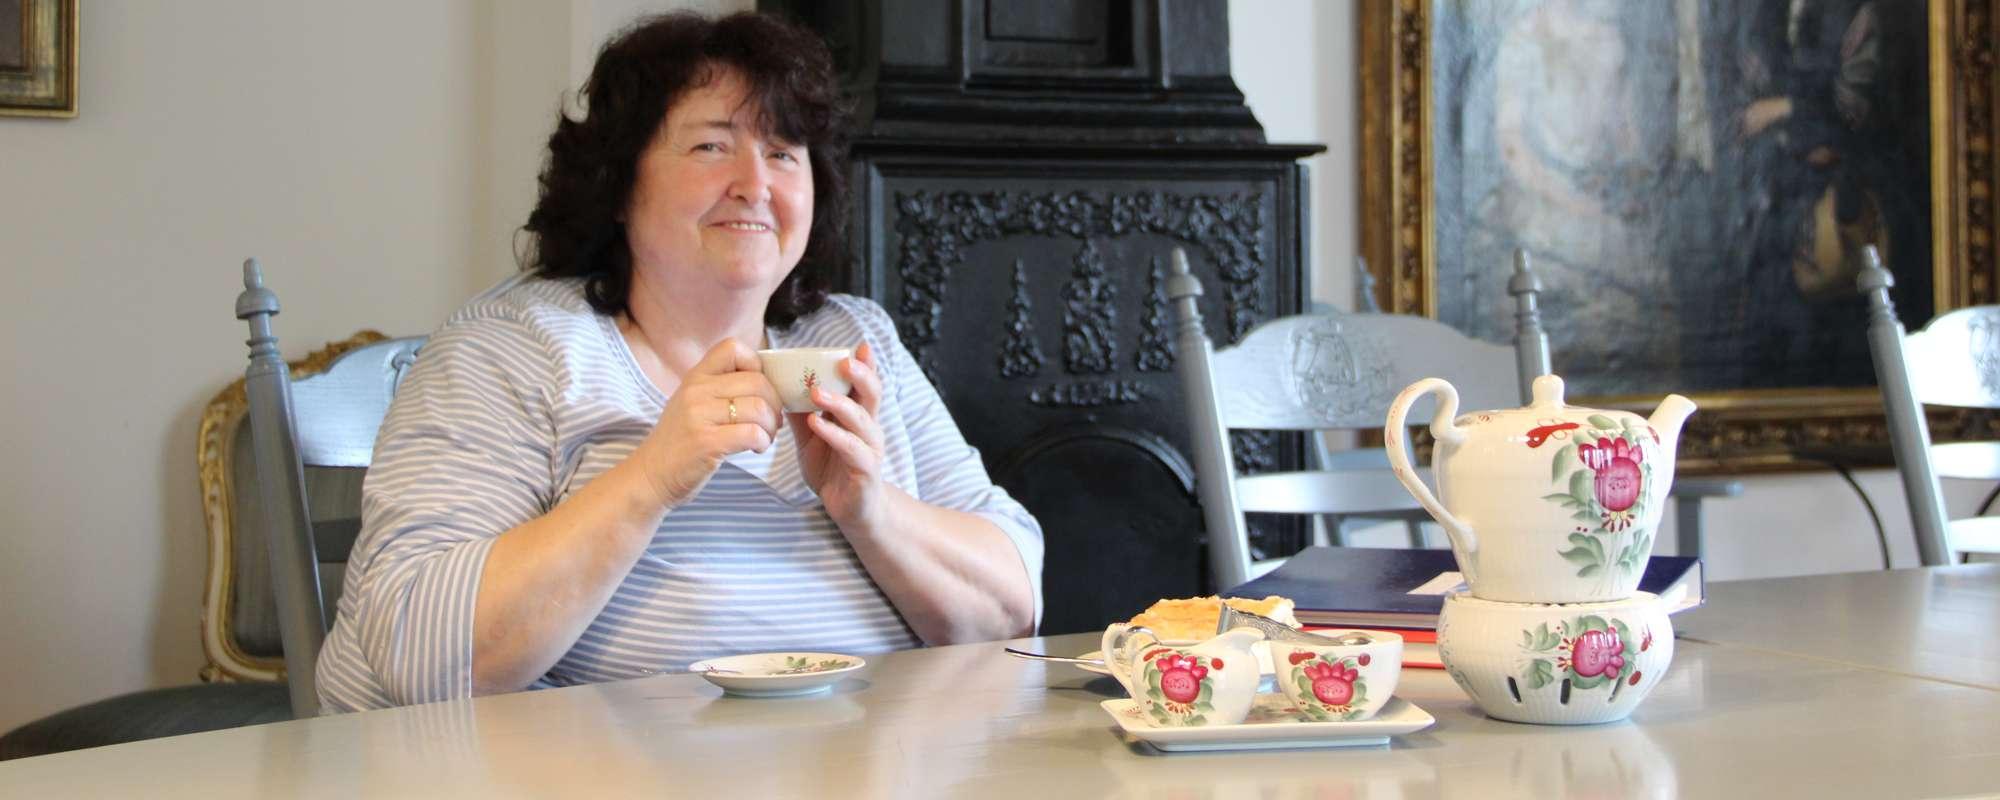 Teestunde mit Gisela im Haus des Gastes im Sielhof